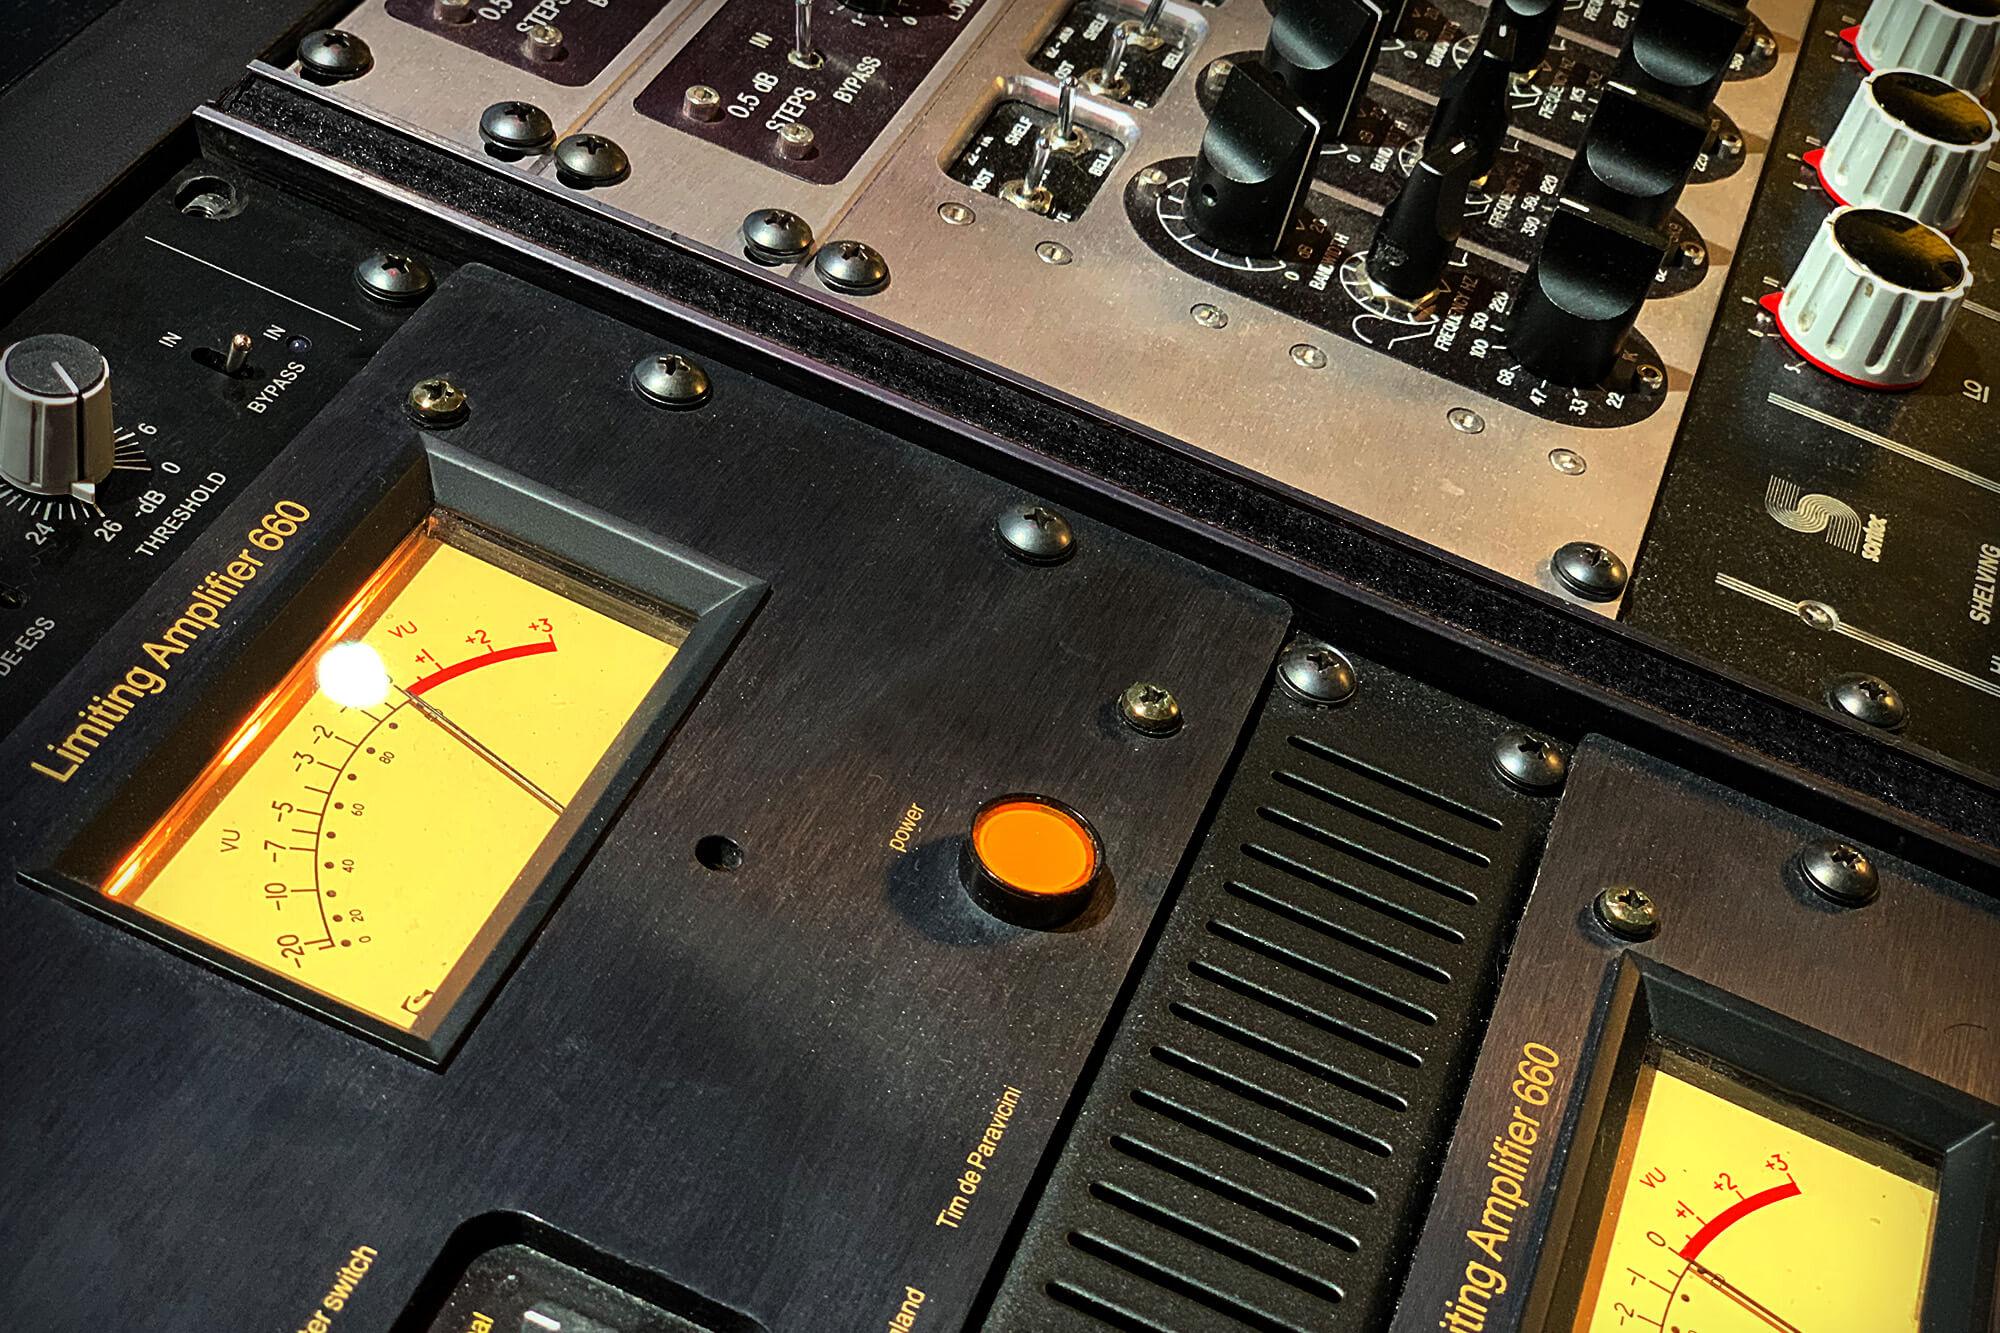 Altavoces Est/éreo Reproducci/ón USB Reproductor de LP Grabaci/ón // Bluetooth 33 y 45 RPM Marr/ón Claro Reproductor de CD Shuman MC-265DBT Centro de M/úsica de 7 en 1 Radio Dab + Radio FM